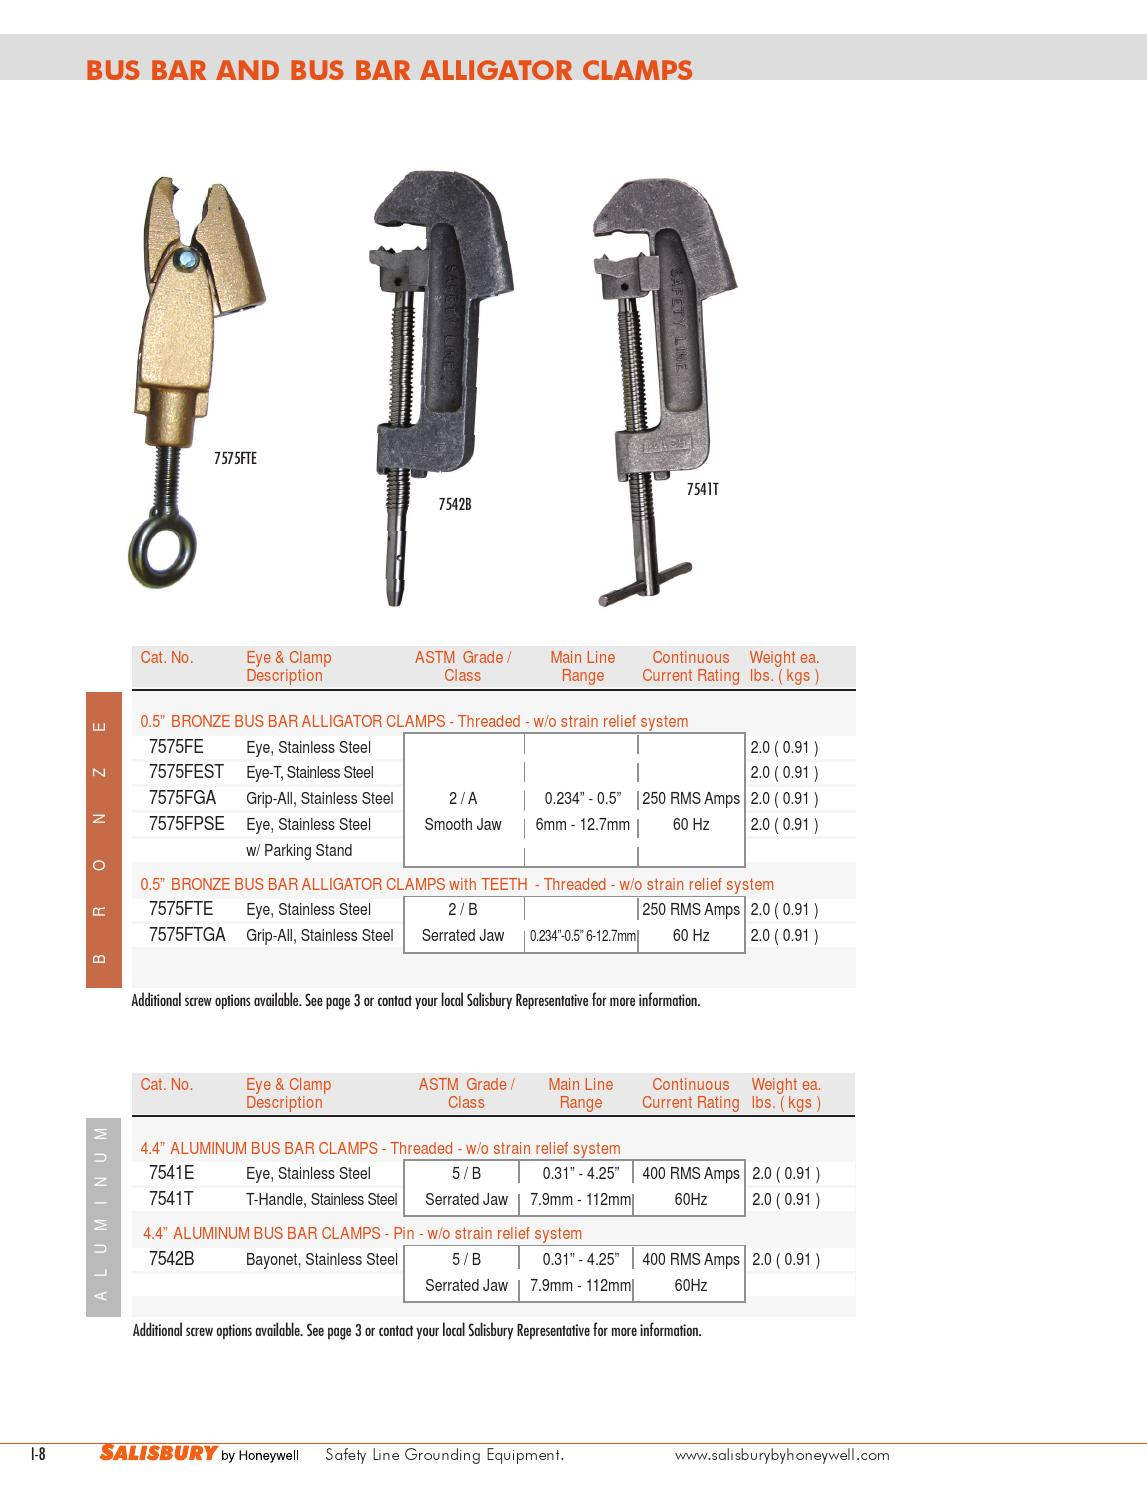 Salisbury by Honeywell Utility Products by TransNet NZ Ltd